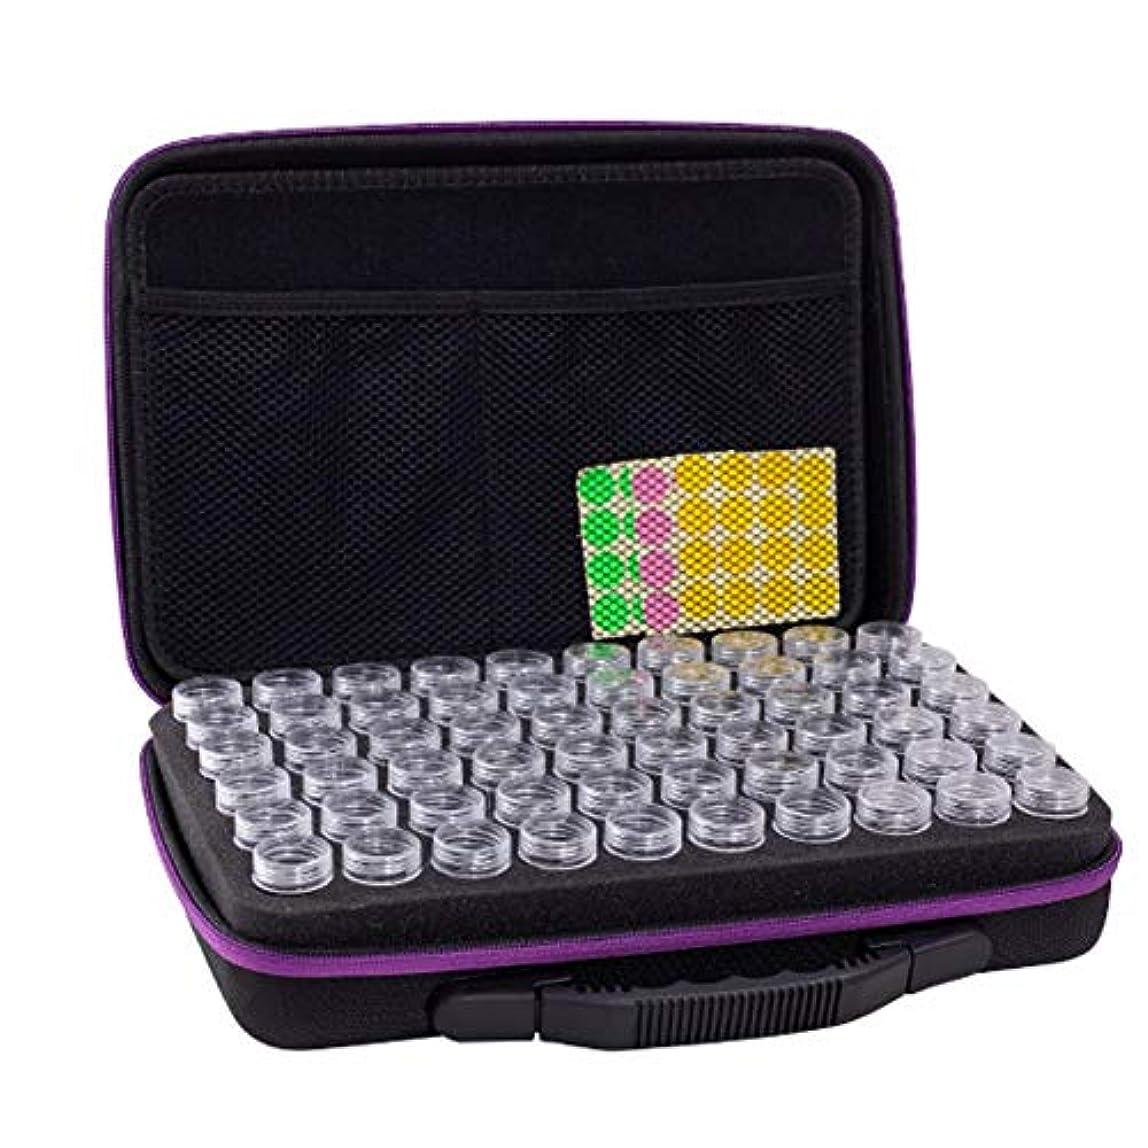 スラダムファイターどれでもアロマポーチ エッセンシャルオイル ケース 携帯用 アロマケース メイクポーチ 精油ケース 大容量 アロマセラピストポーチ 120本用 サイズ:32 22.5 8.5 CM